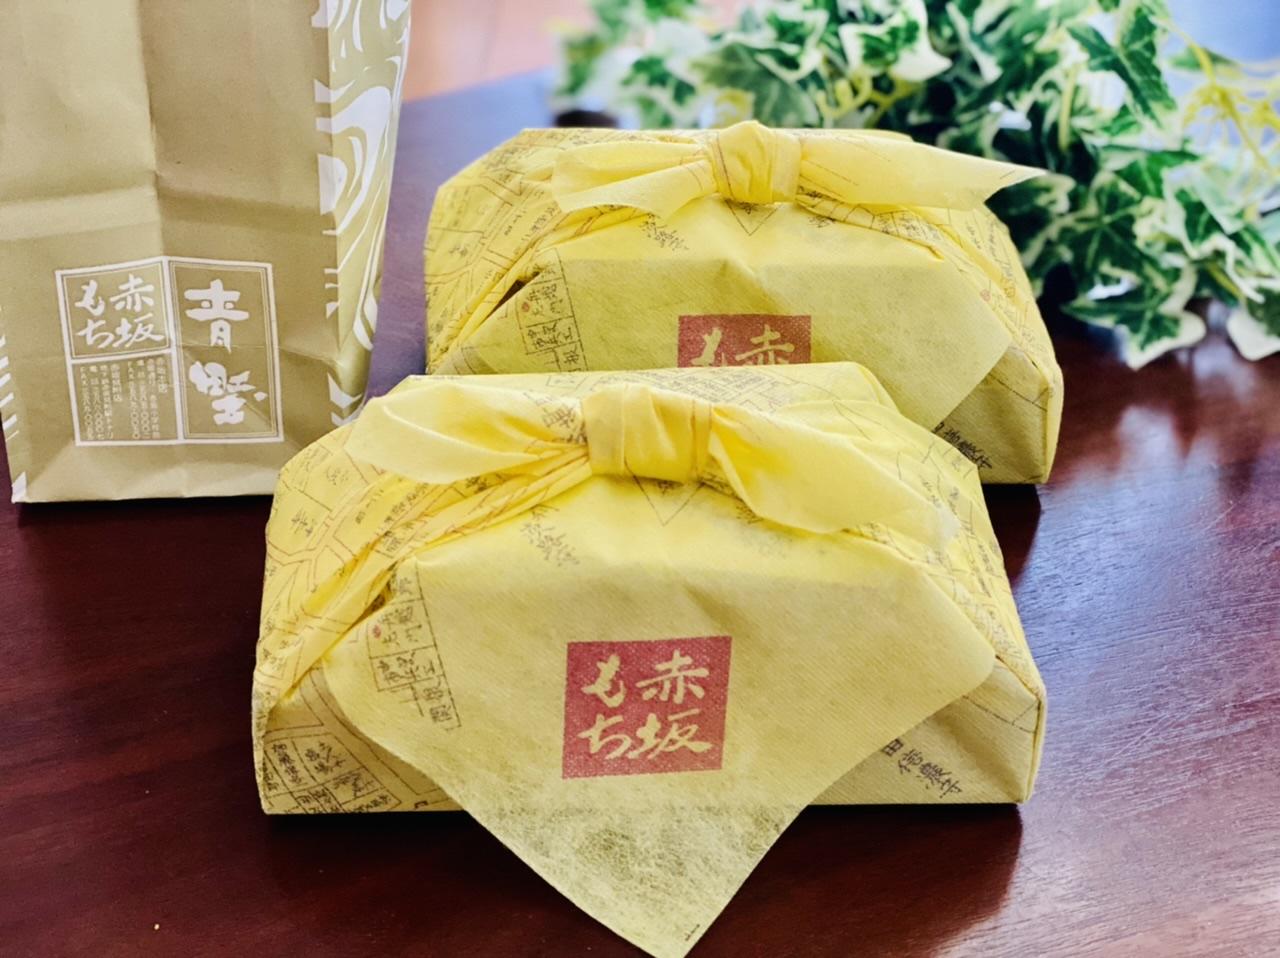 【赤坂青野】和菓子を買うならココ!小風呂敷包みがおしゃれ《赤坂もち》が絶品♡_2